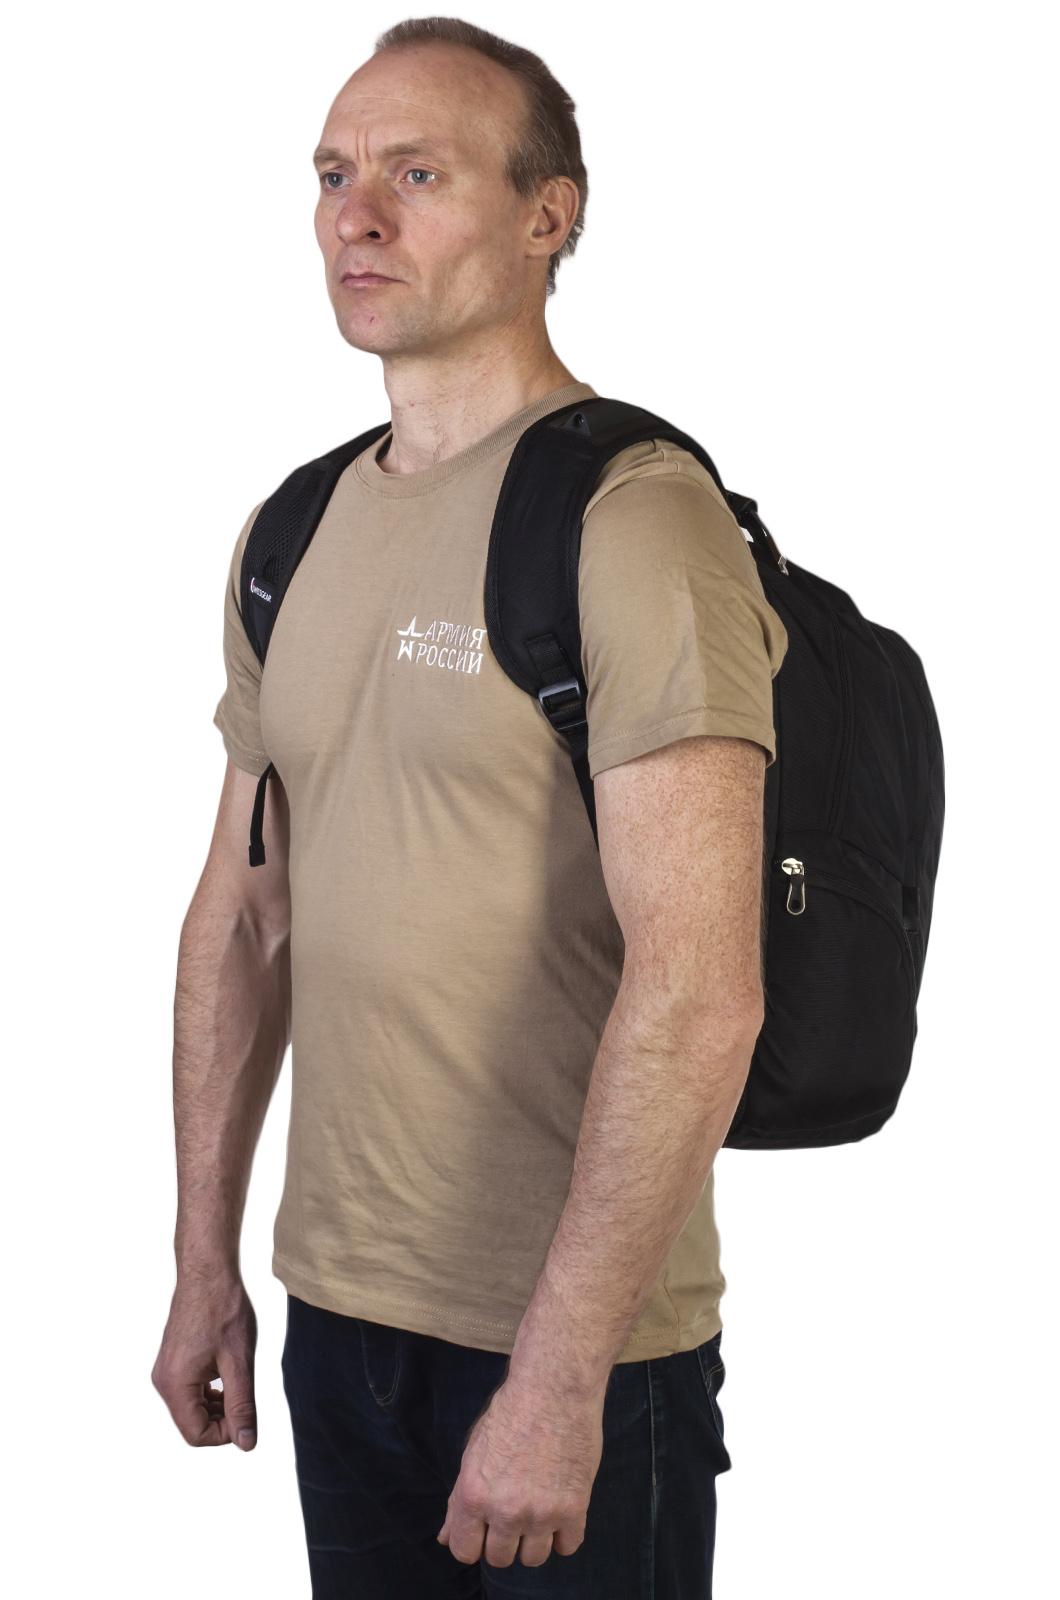 Надежный городской рюкзак с флагом Артиллерийских войск купить в подарок